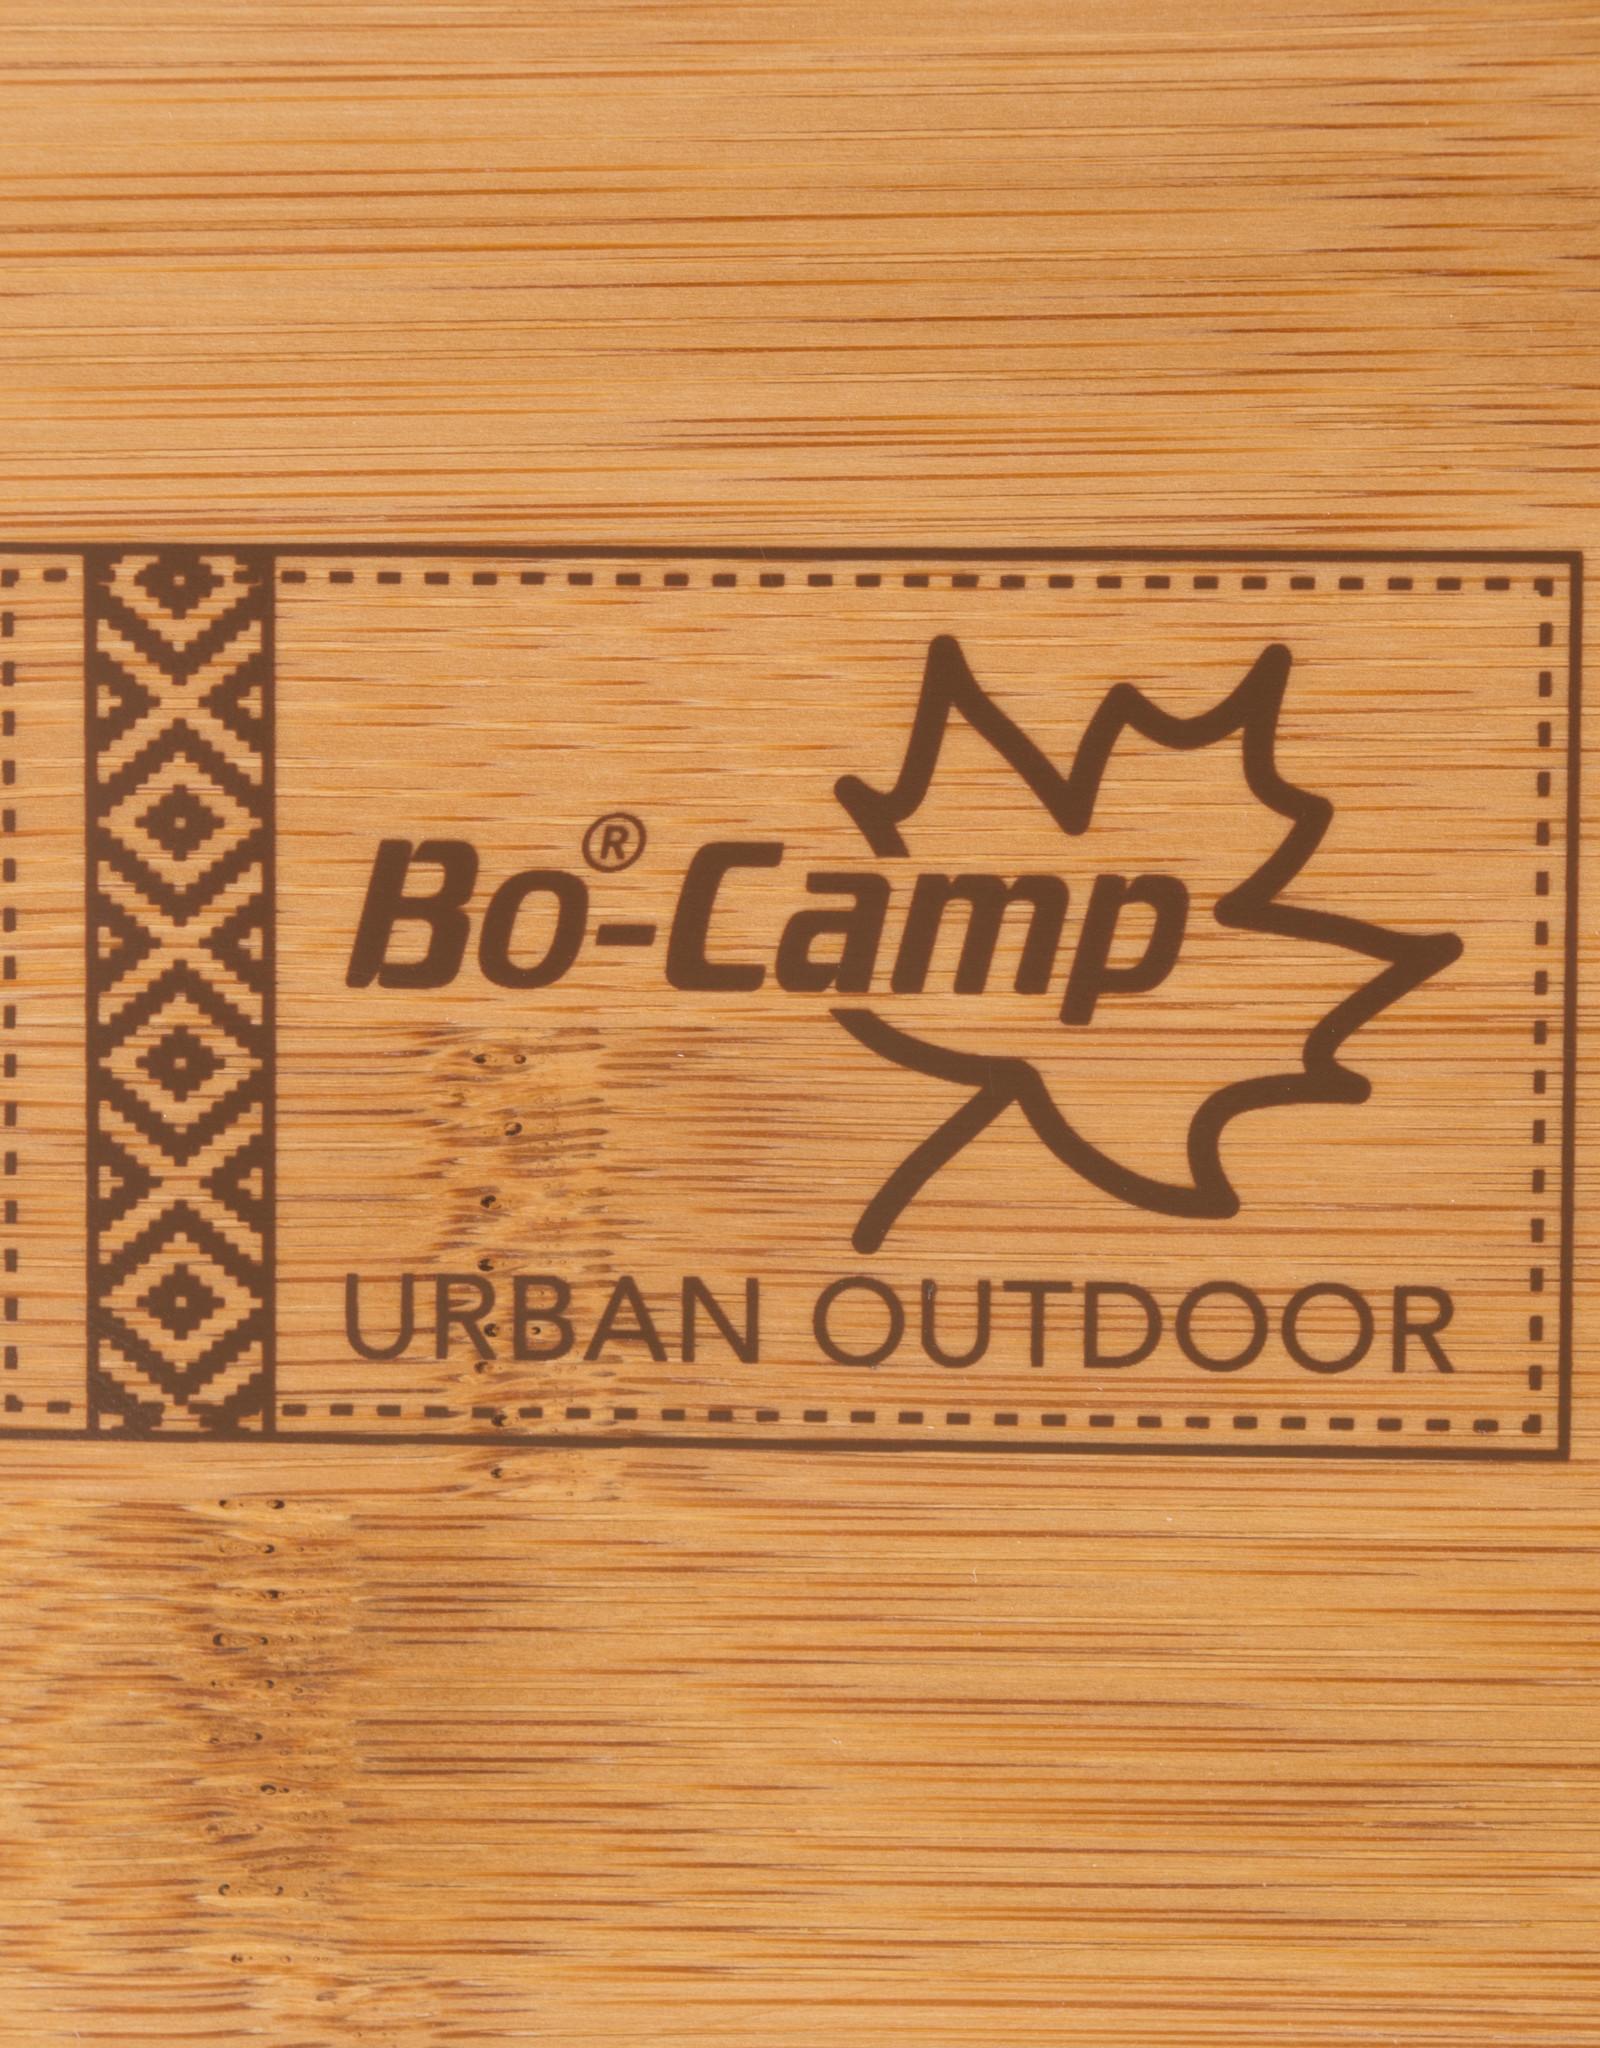 Bo-Camp BoCamp Urban Außentisch Richmond